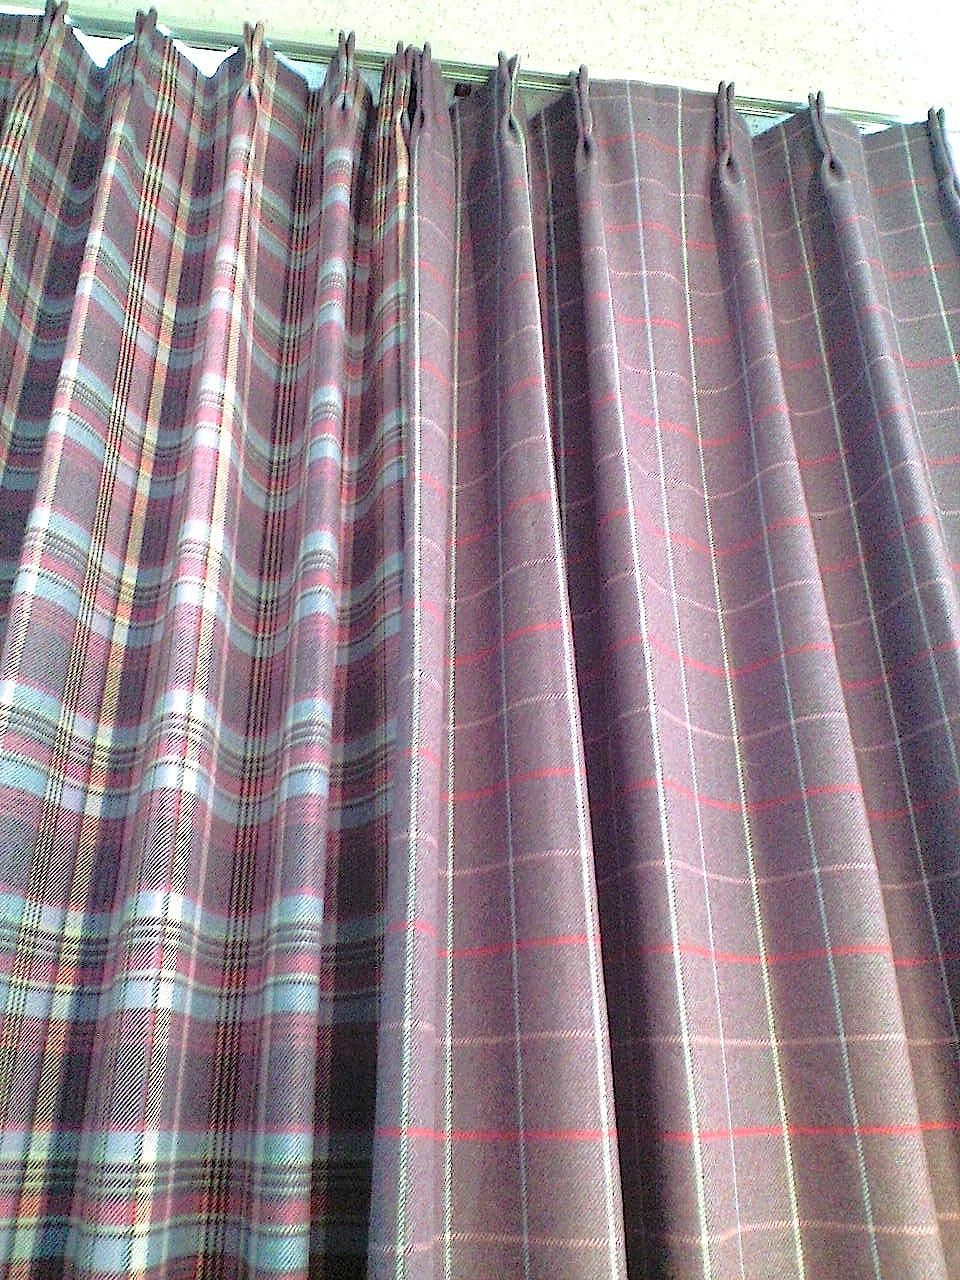 チェック柄ウールのカーテン_c0157866_16485554.jpg